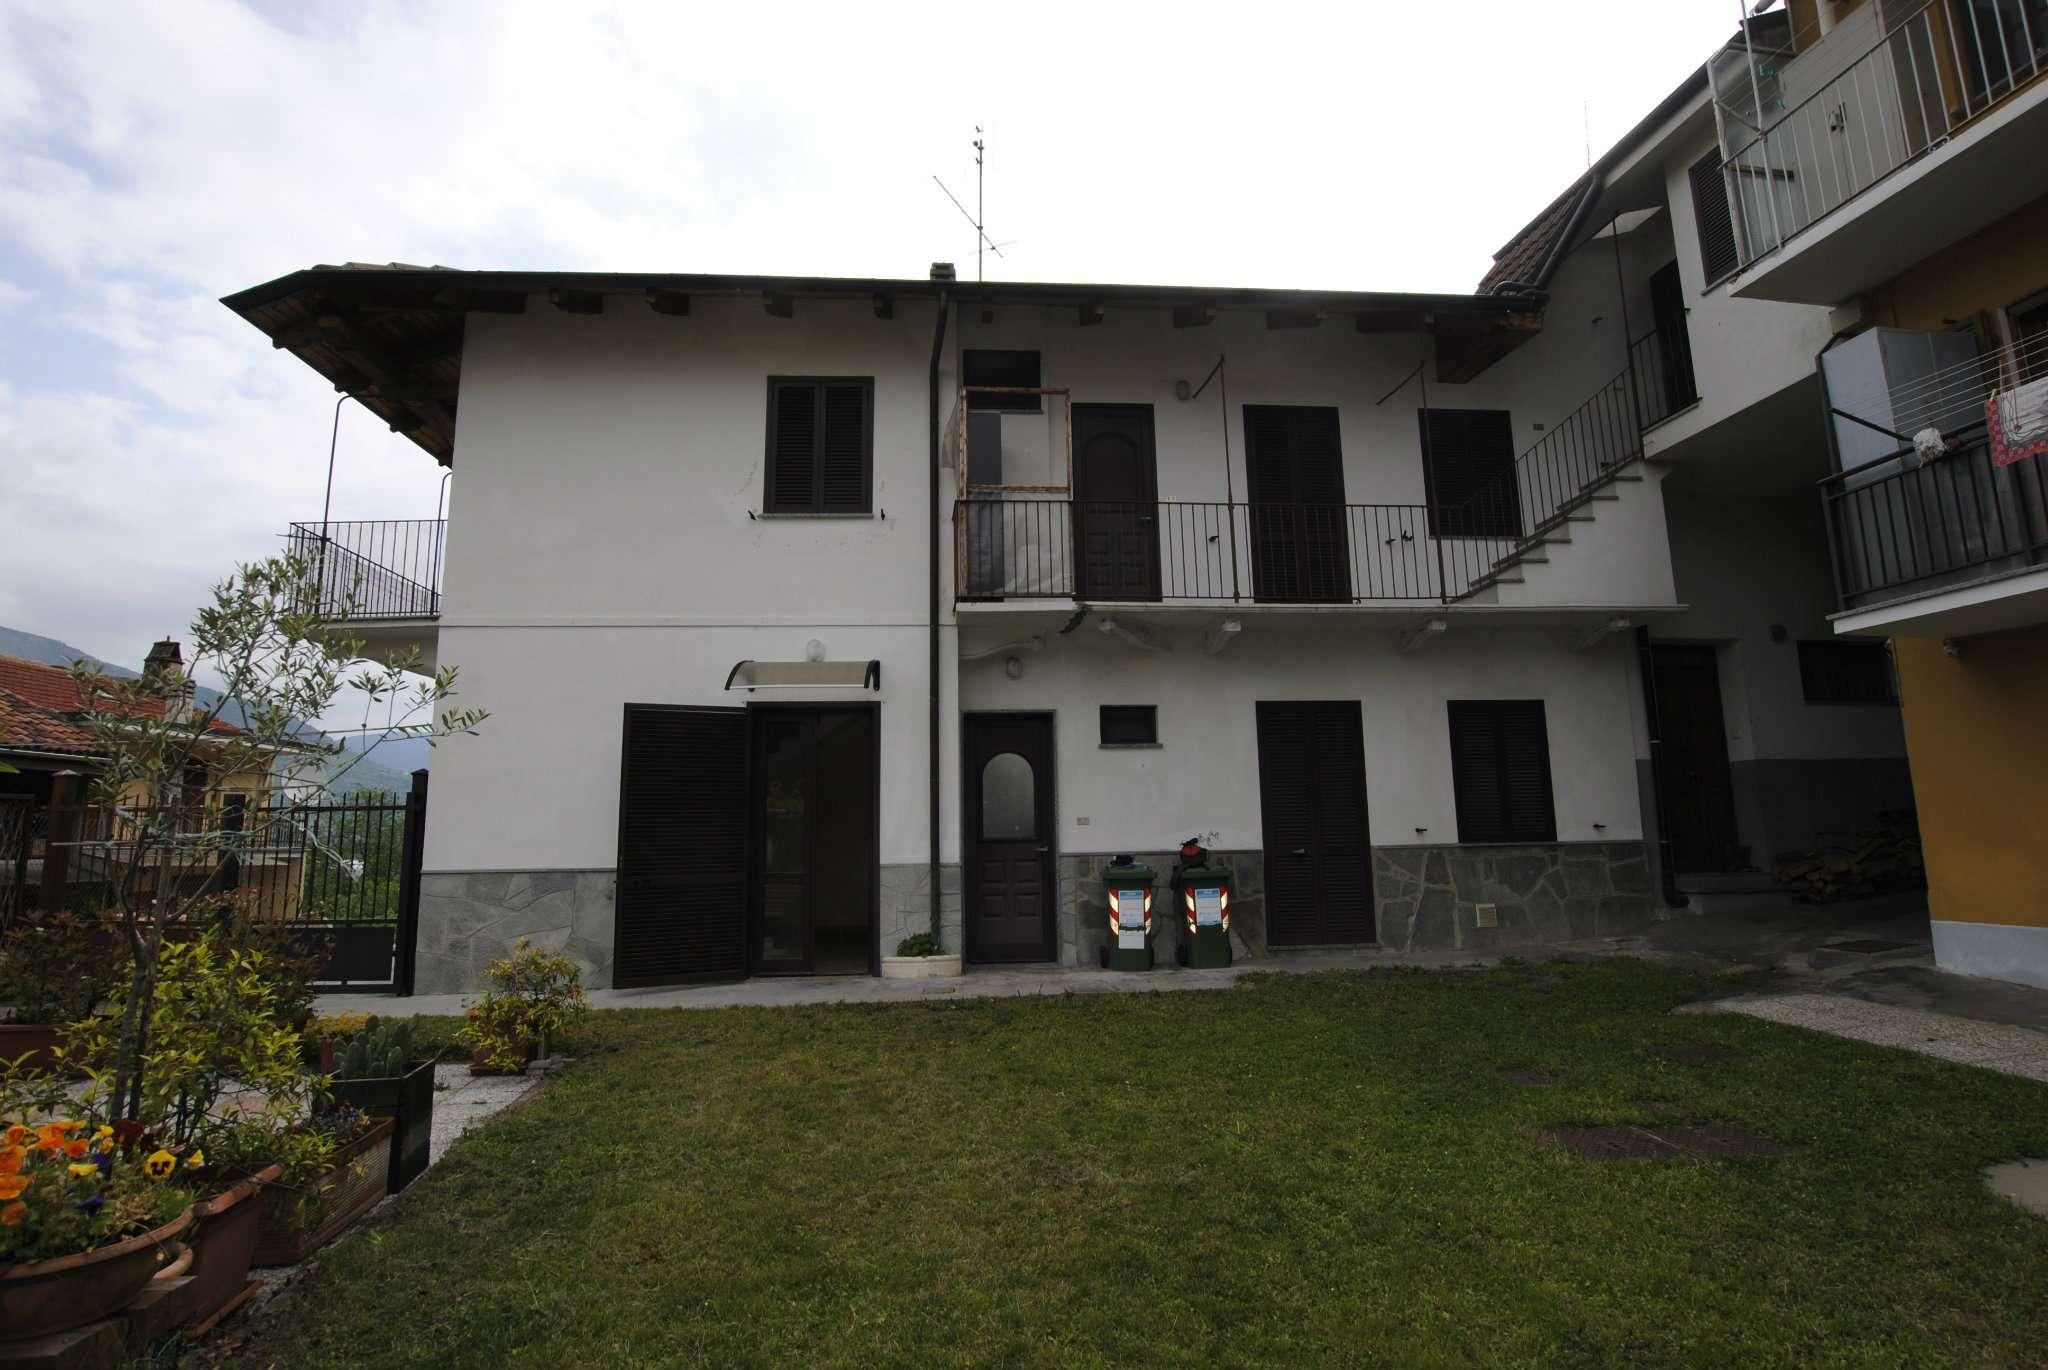 Soluzione Semindipendente in vendita a Chiusa di San Michele, 5 locali, prezzo € 82.500 | CambioCasa.it